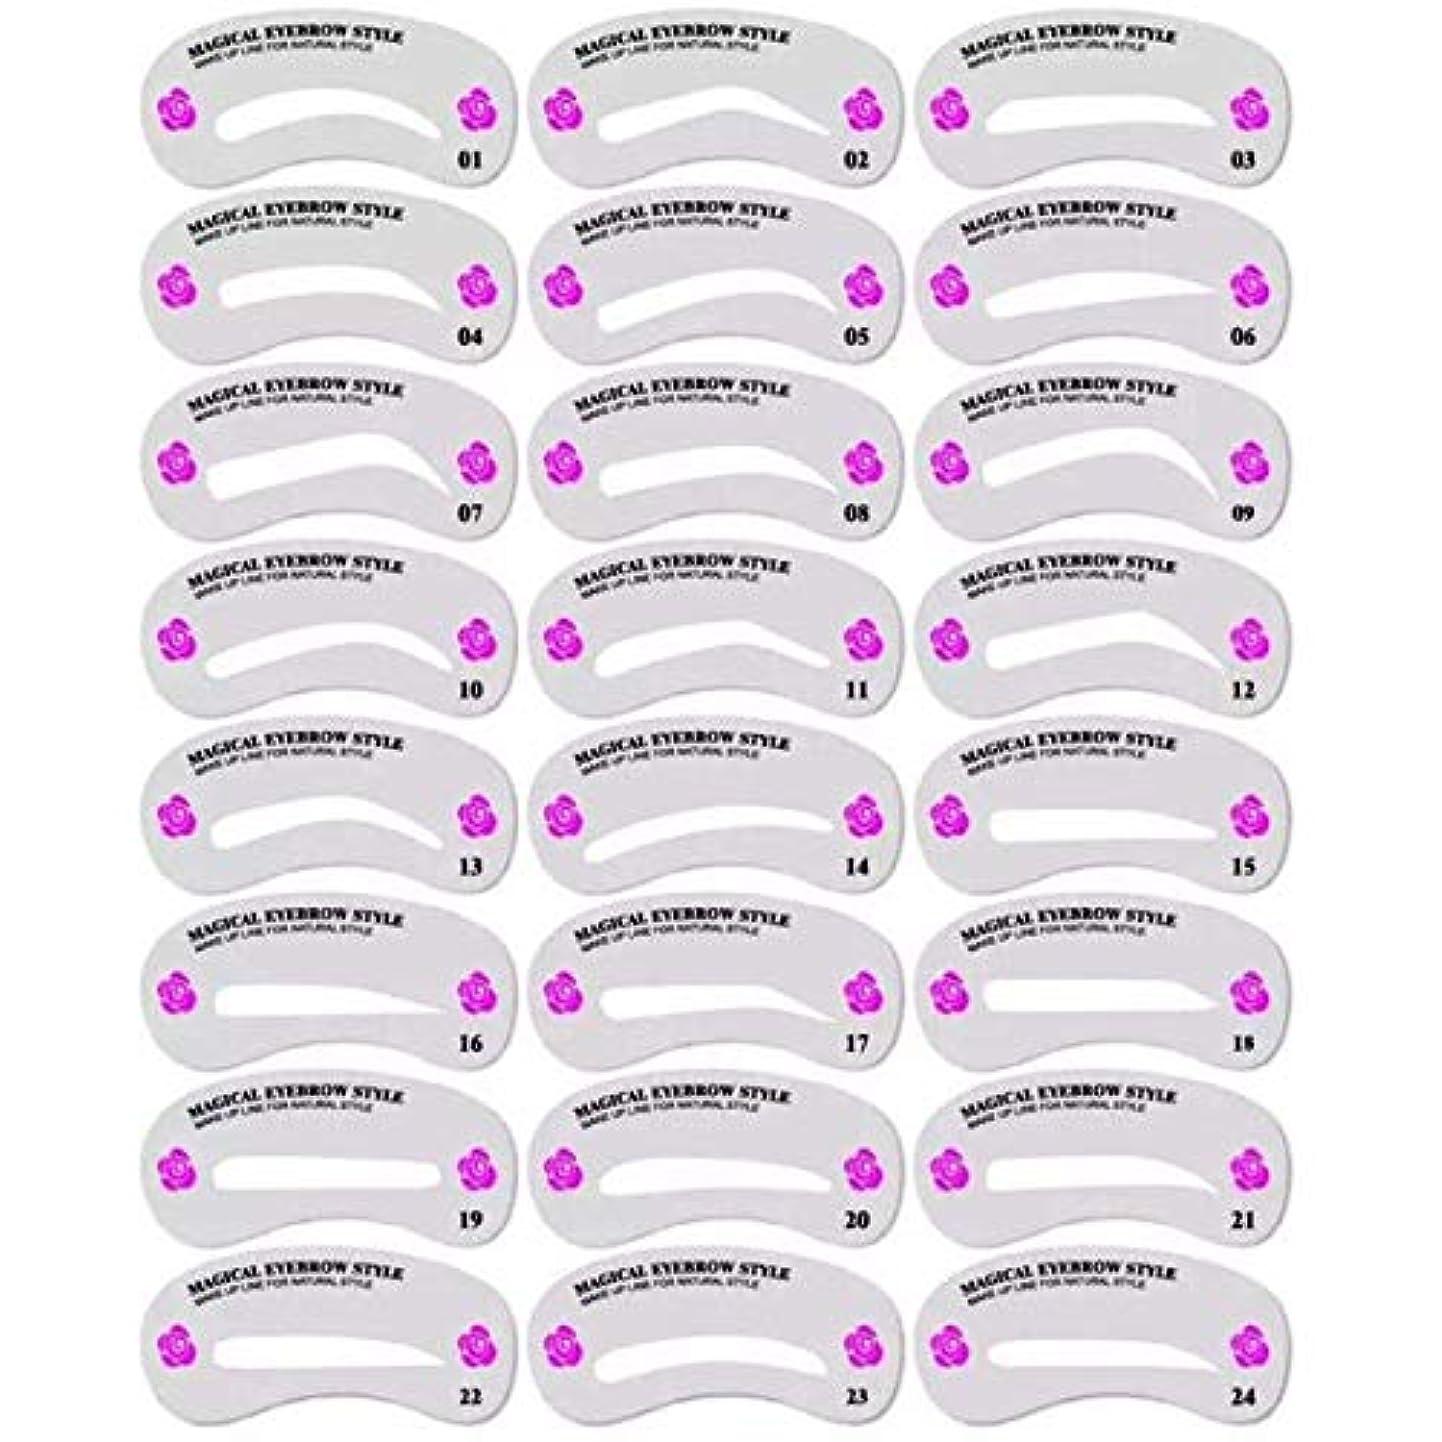 信号女優有力者眉毛テンプレート 24種類 美容ツール メイクアップ ガイド 眉毛を気分で使い分け 男女兼用 (24枚セット)